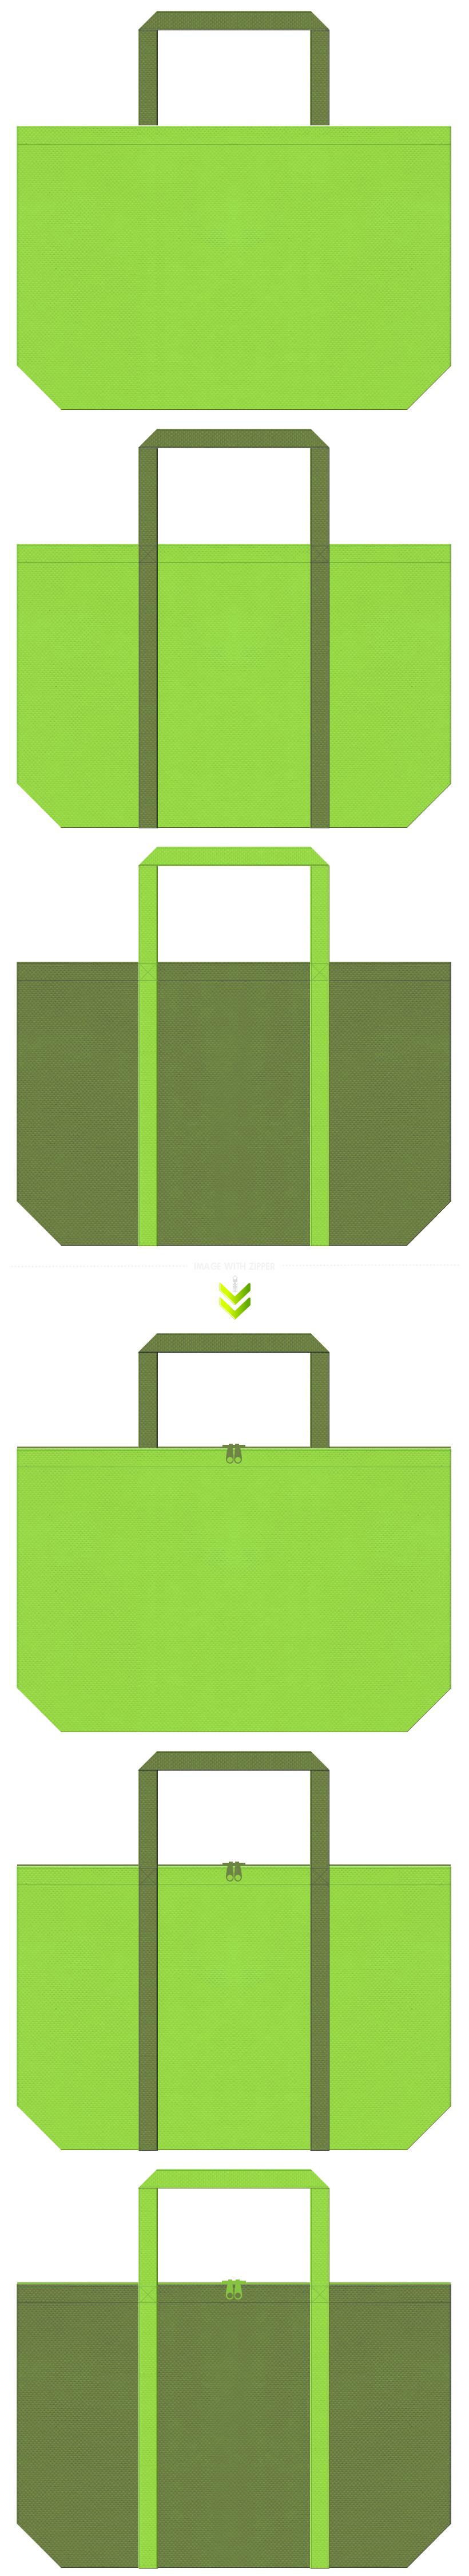 黄緑色と草色の不織布エコバッグのデザイン。新茶・青汁の販促ノベルティにお奨めです。